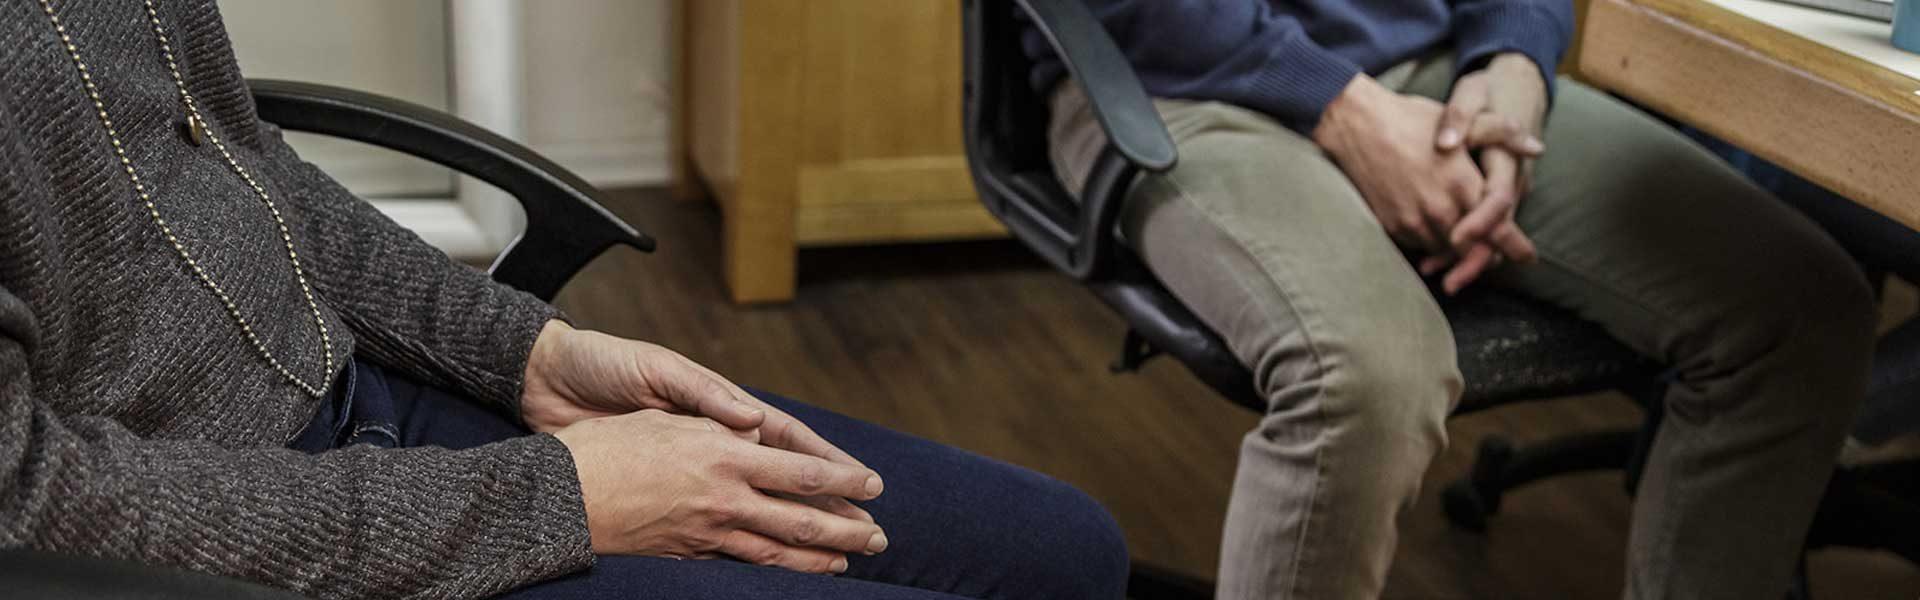 זוג ישובים על כסאות משרד